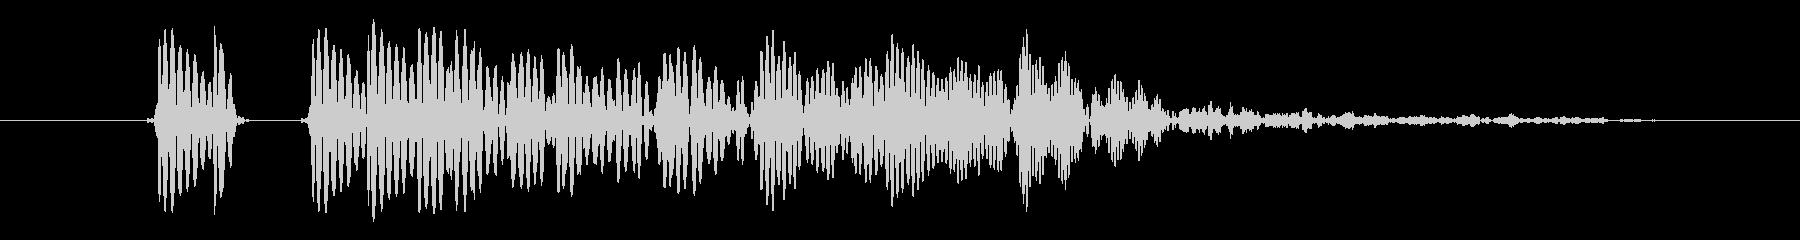 ポワ、ふざけた感じのビープ音、の未再生の波形